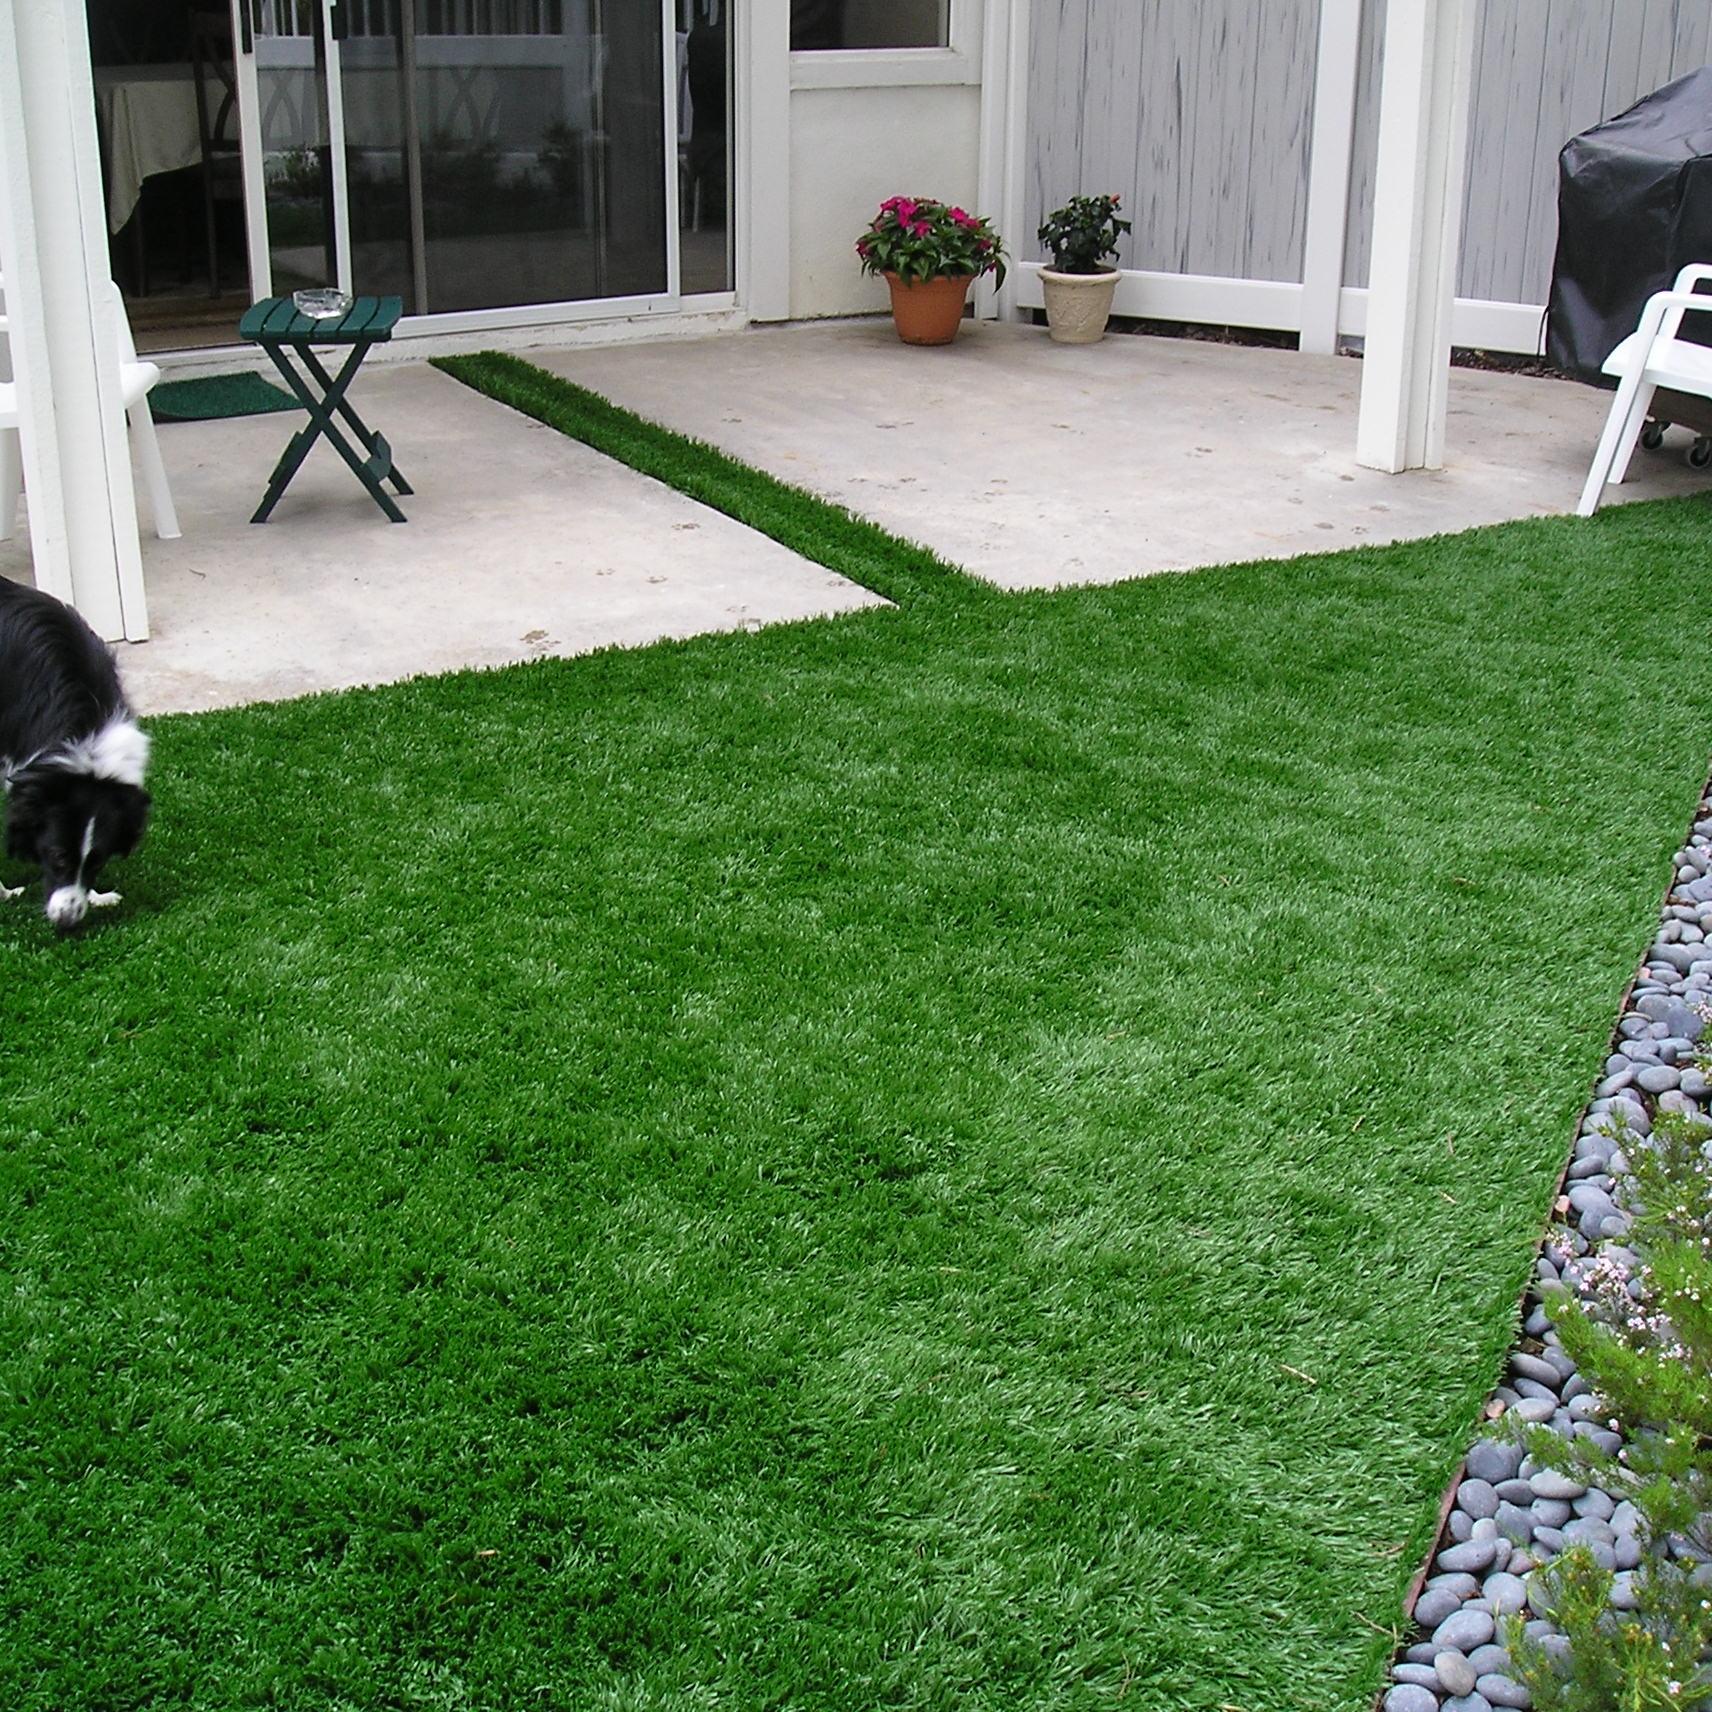 S Blade-90 pet friendly artificial grass